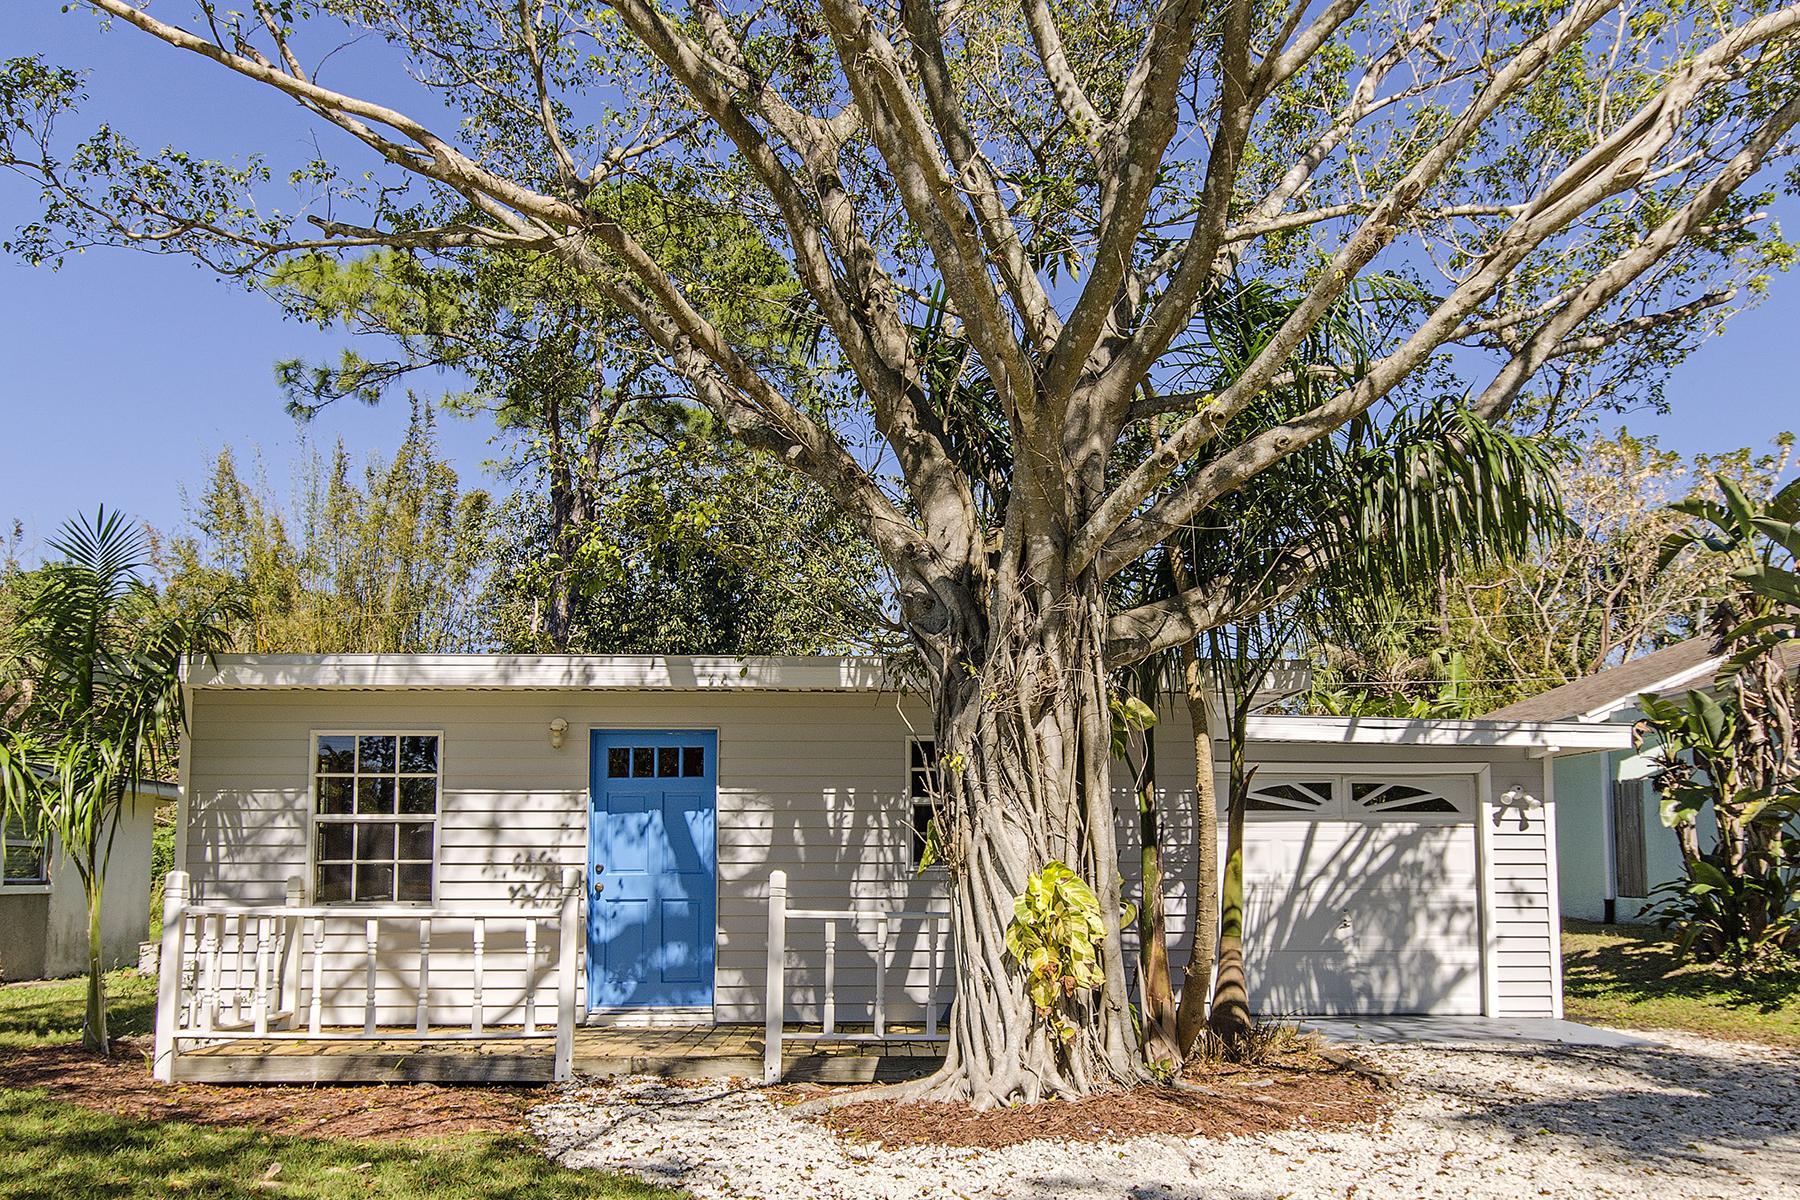 独户住宅 为 销售 在 BAD AXE - BAD AXE 1061 Michigan Ave 那不勒斯, 佛罗里达州, 34103 美国